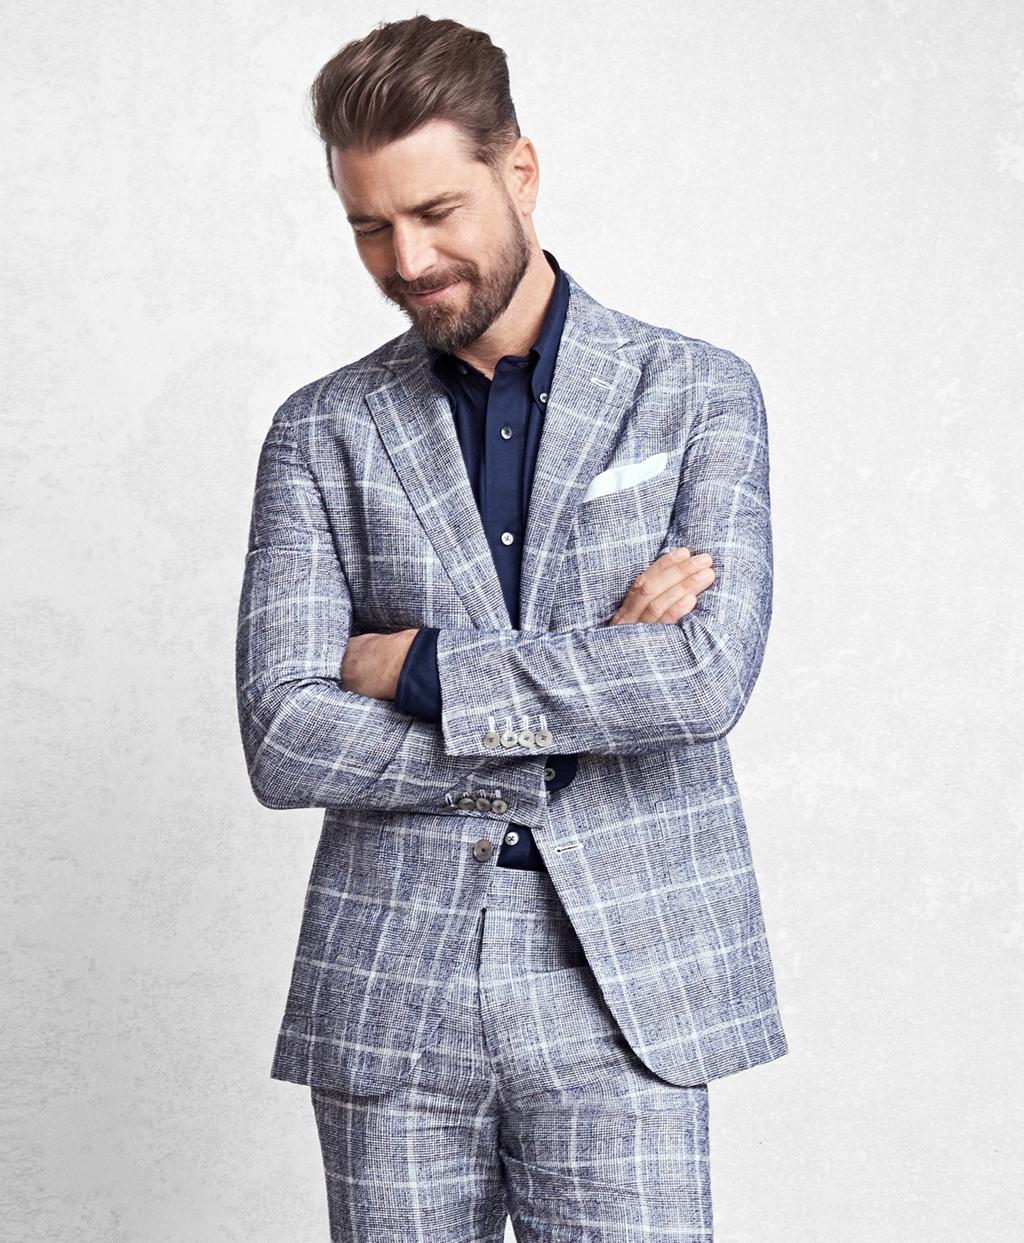 1960s Mens Suits | 70s Mens Disco Suits Brooks Brothers Mens Golden Fleece Navy Glen Plaid Suit $2,498.00 AT vintagedancer.com